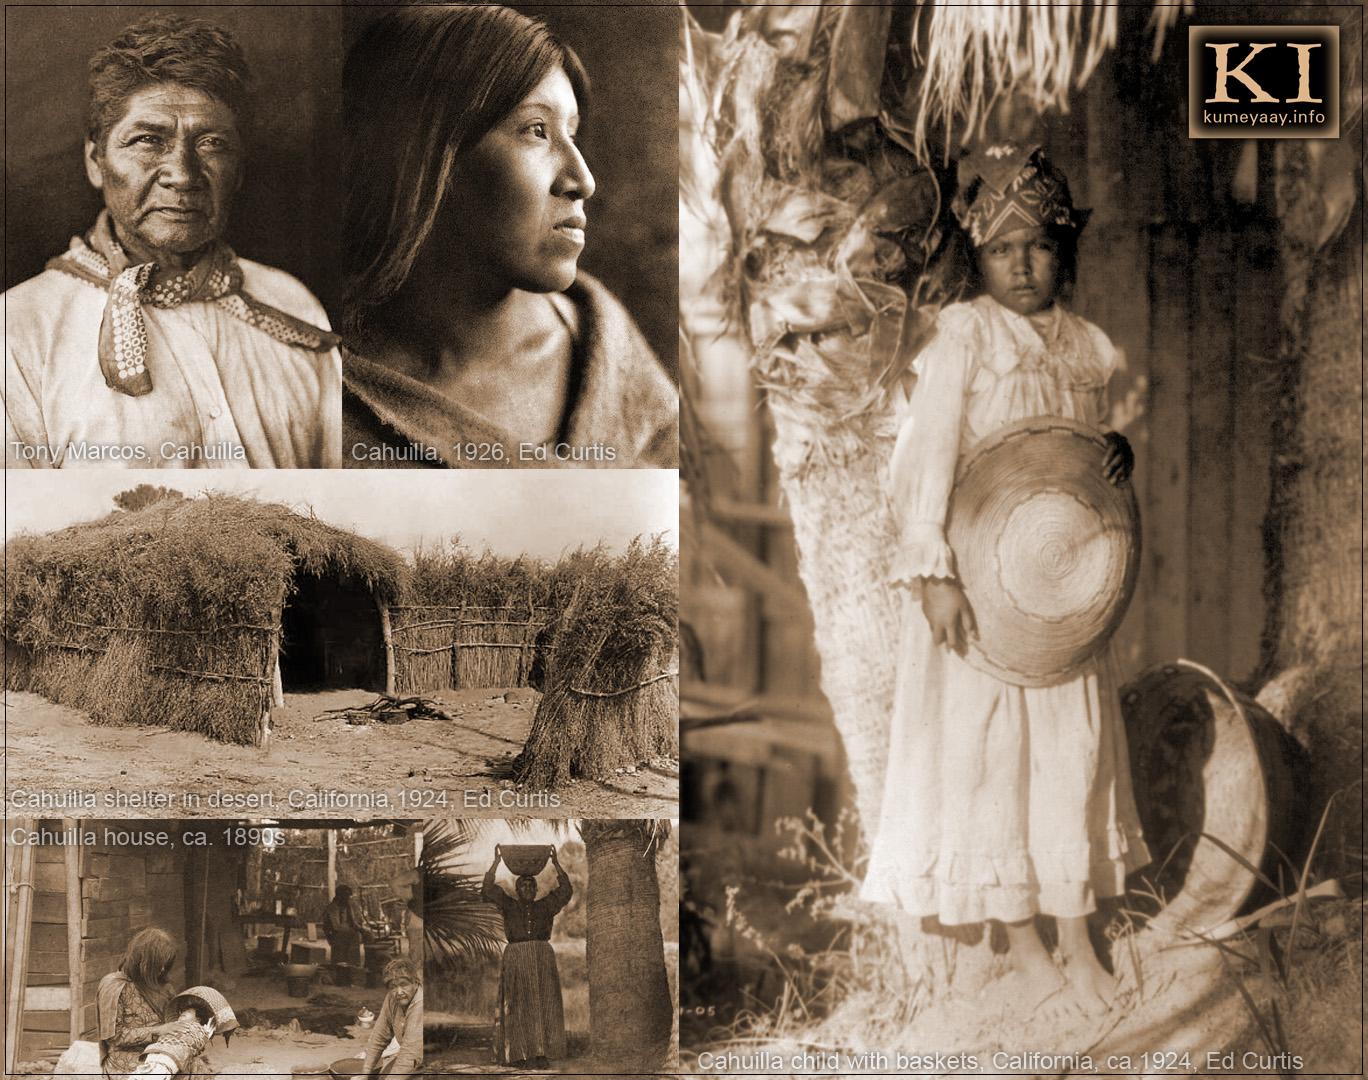 Cahuilla Indians